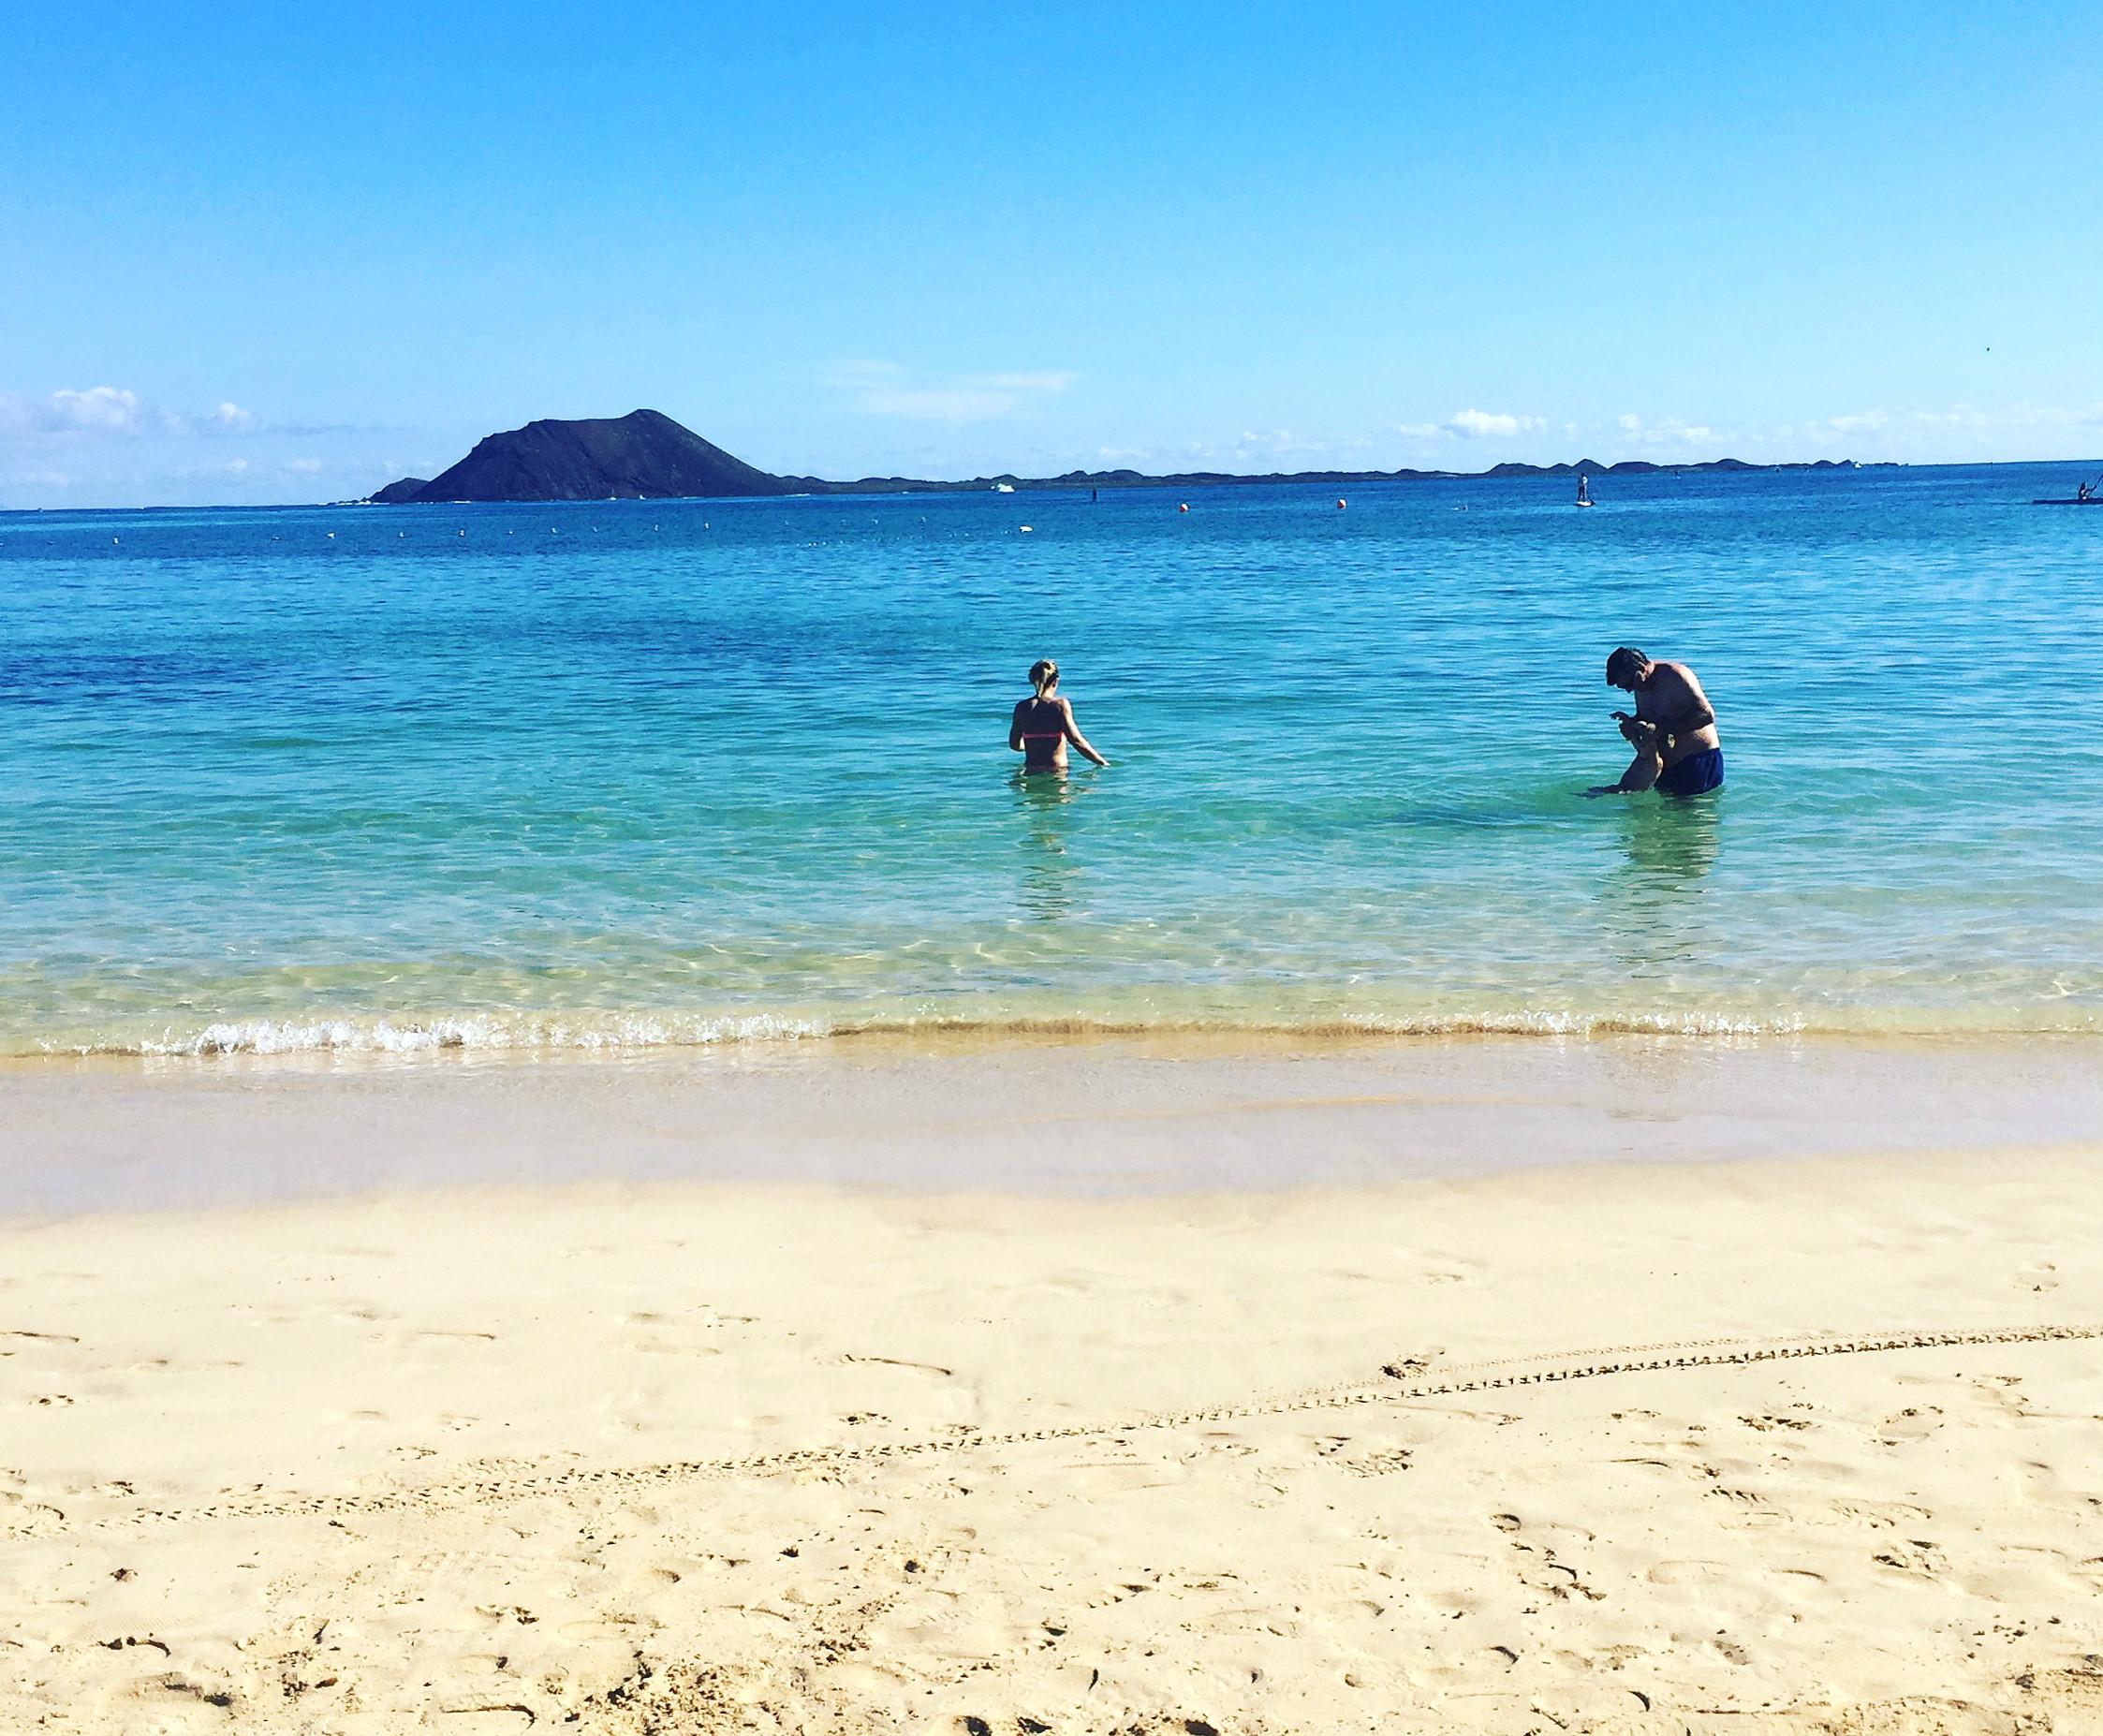 Både været og stranden i Corralejo levde opp til kanaridrømmen.